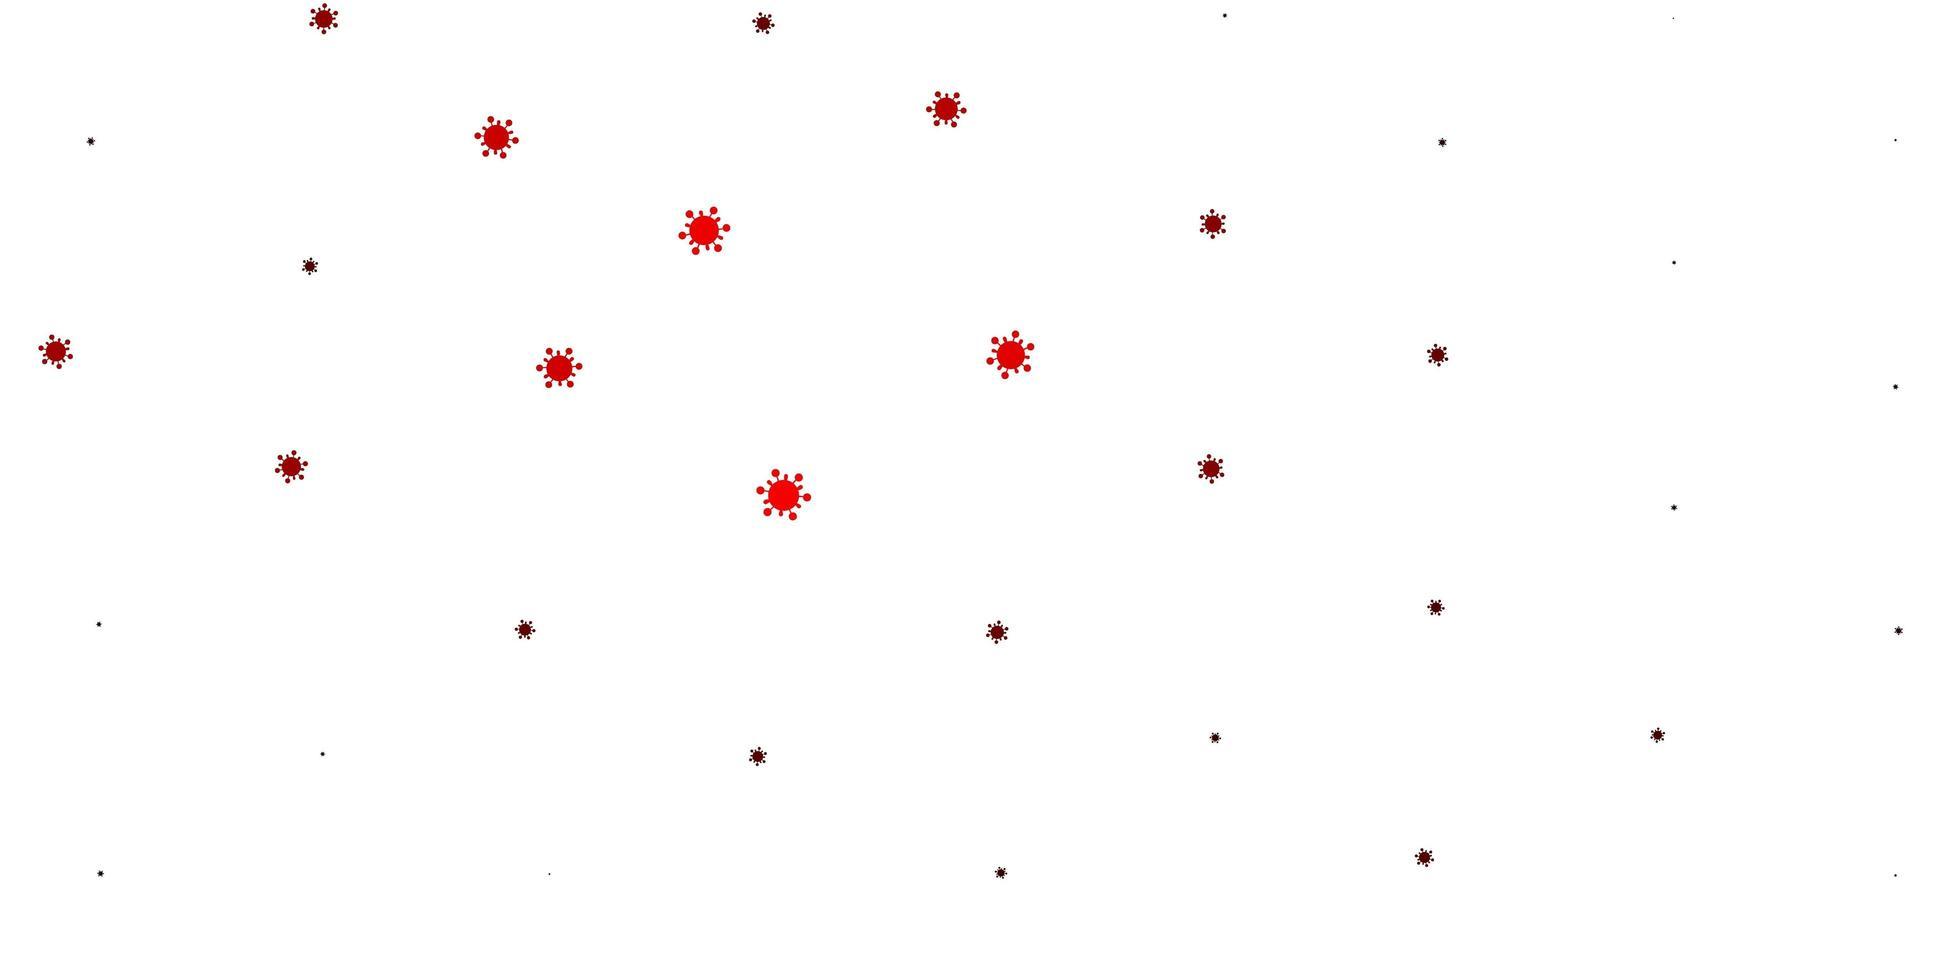 modello rosso chiaro con segni di influenza. vettore